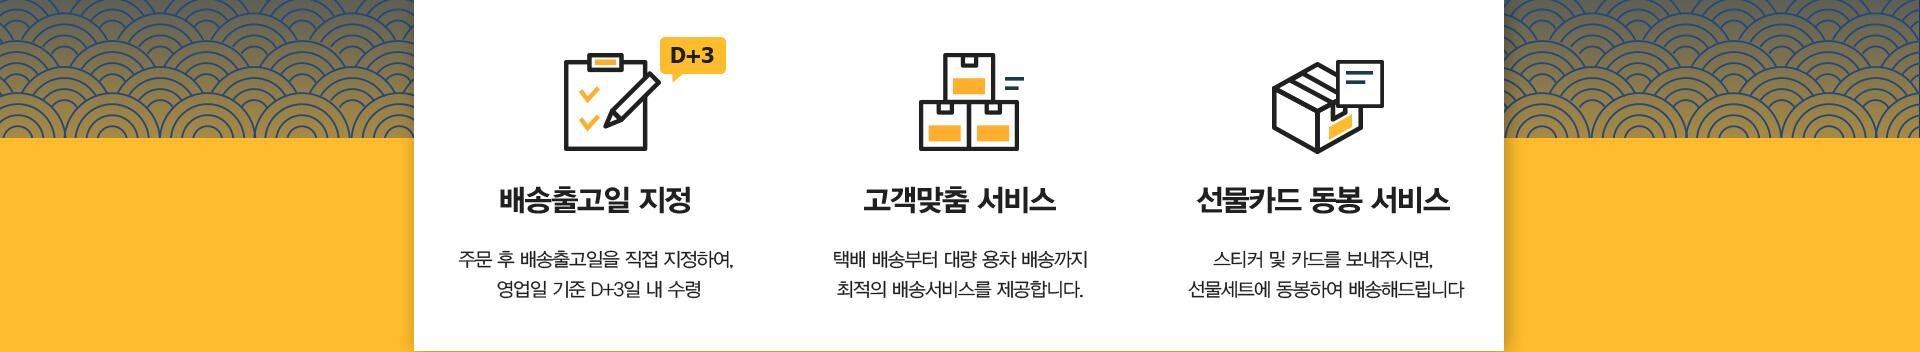 배송출고일 지정 / 개별배송지 택배 / 선물카드 서비스